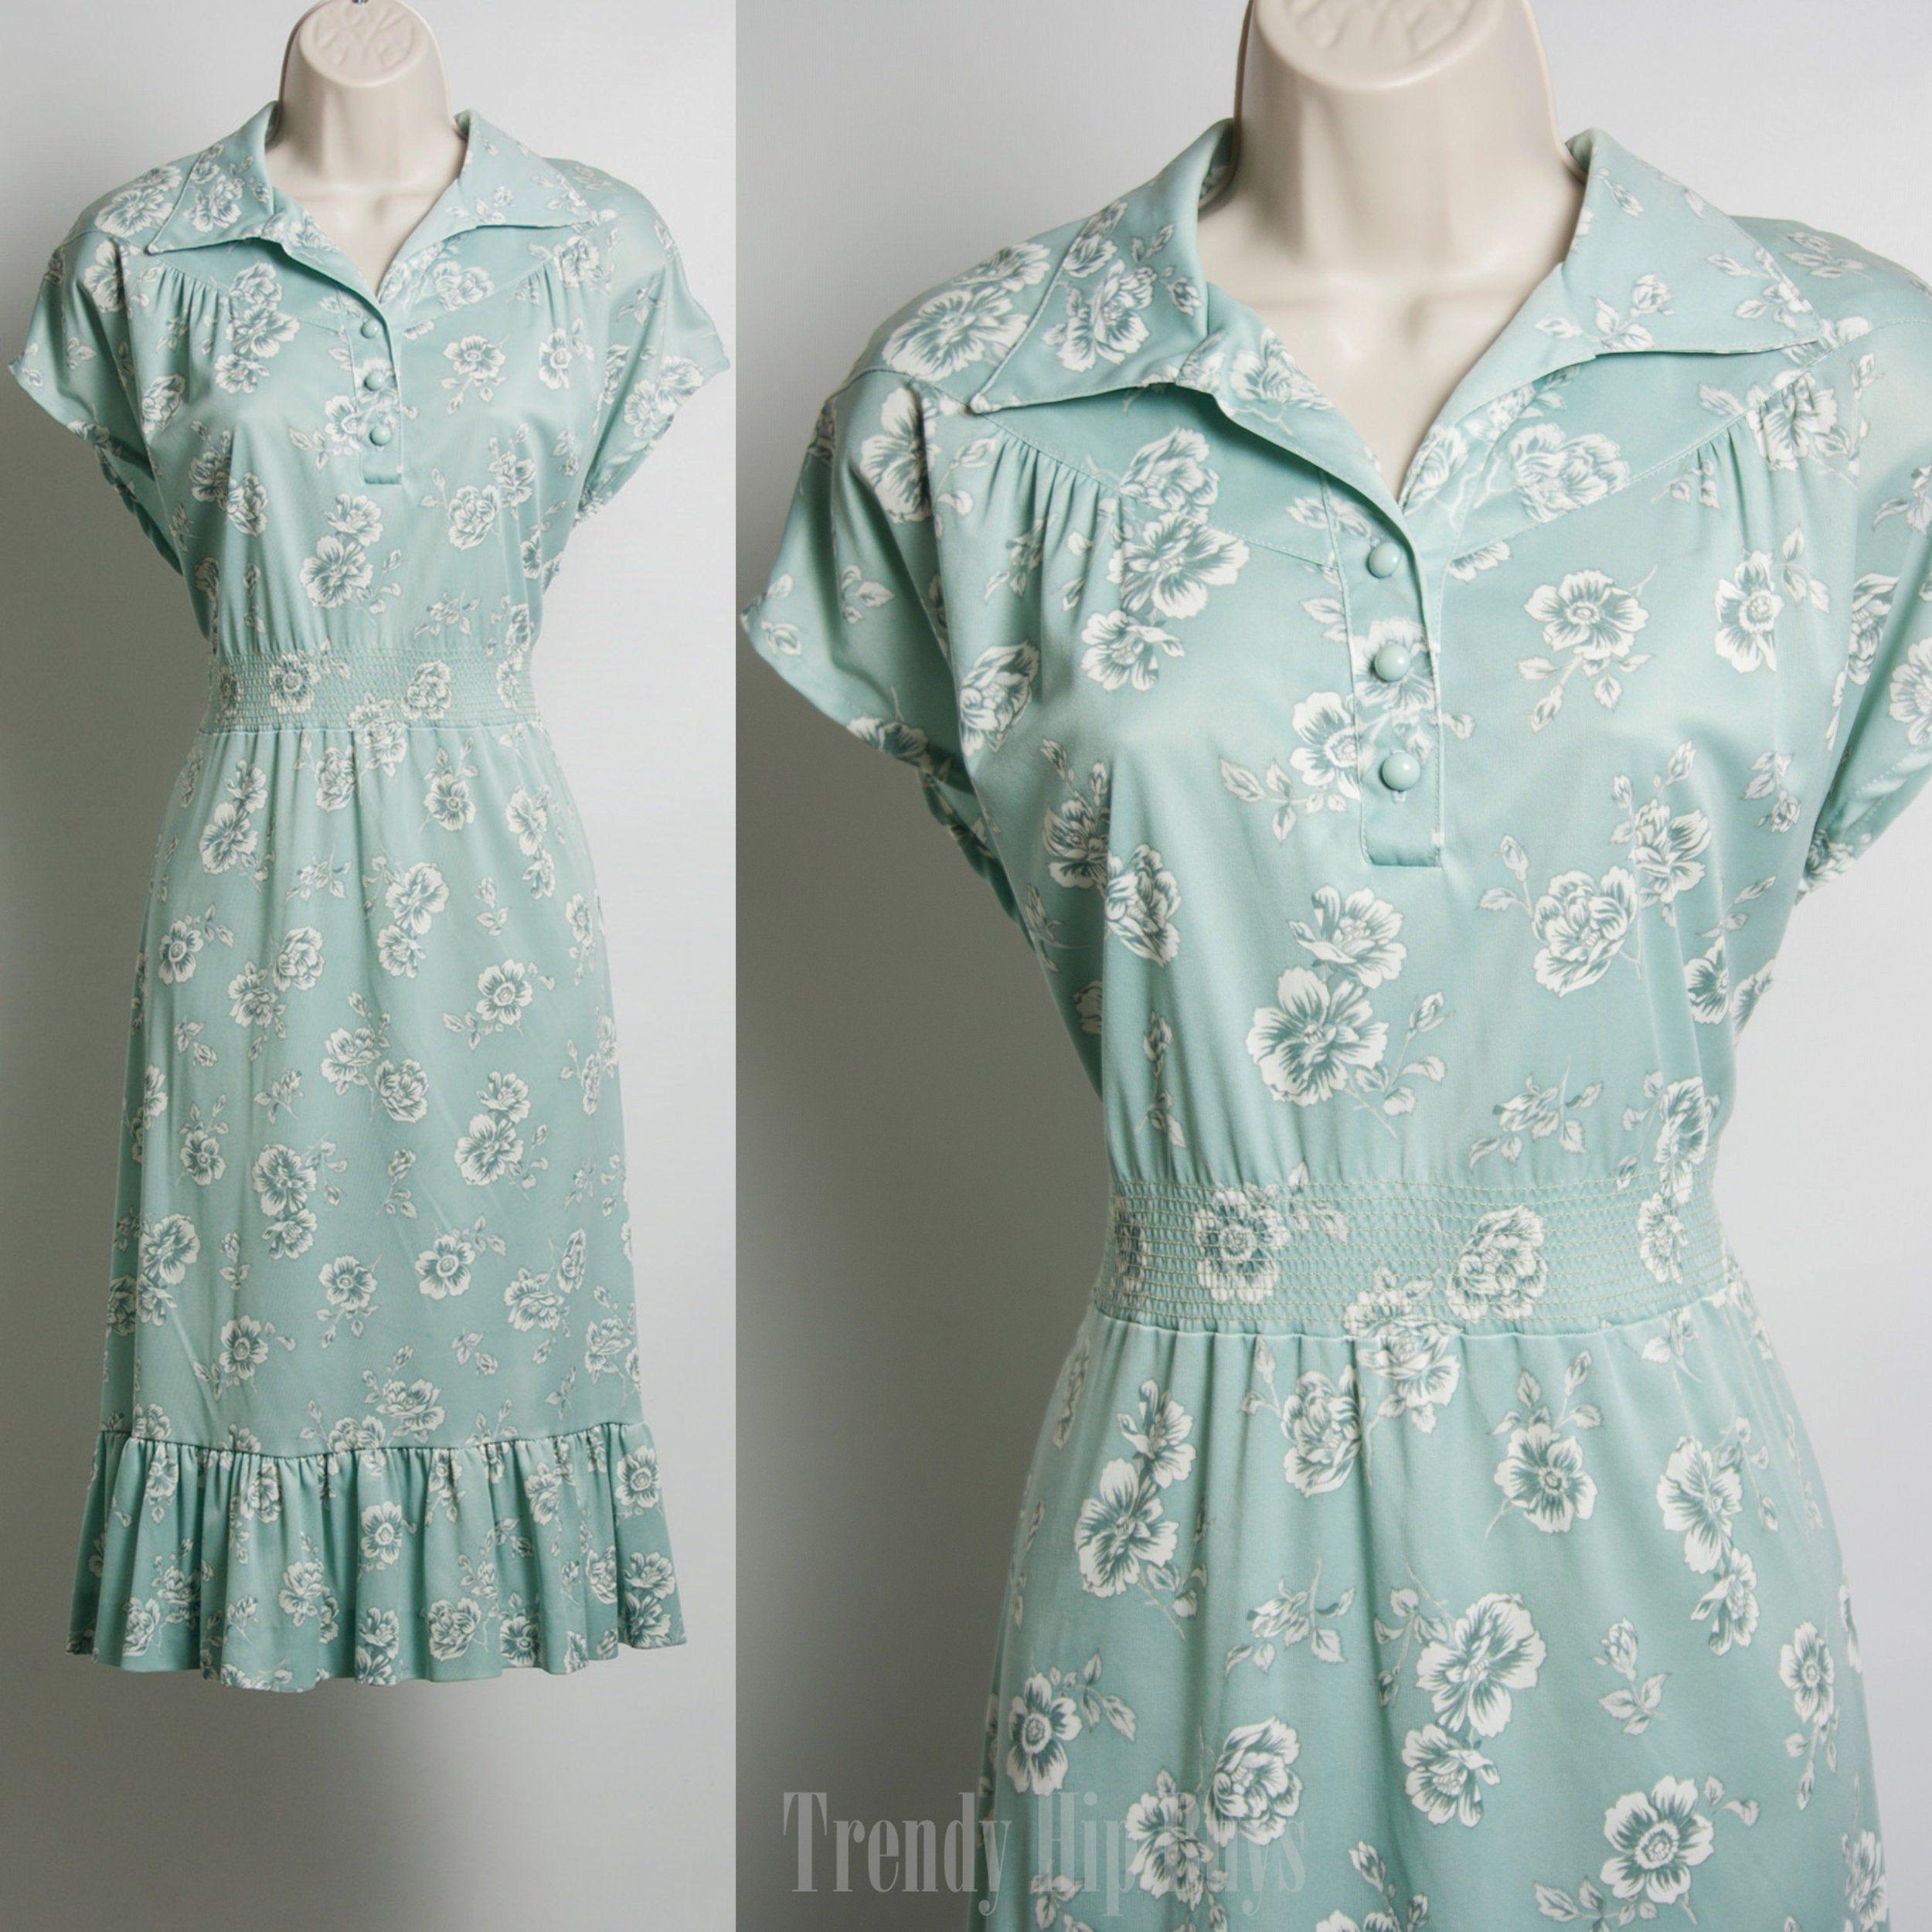 Vintage 1960s Mad Men Blue Patterned Dress